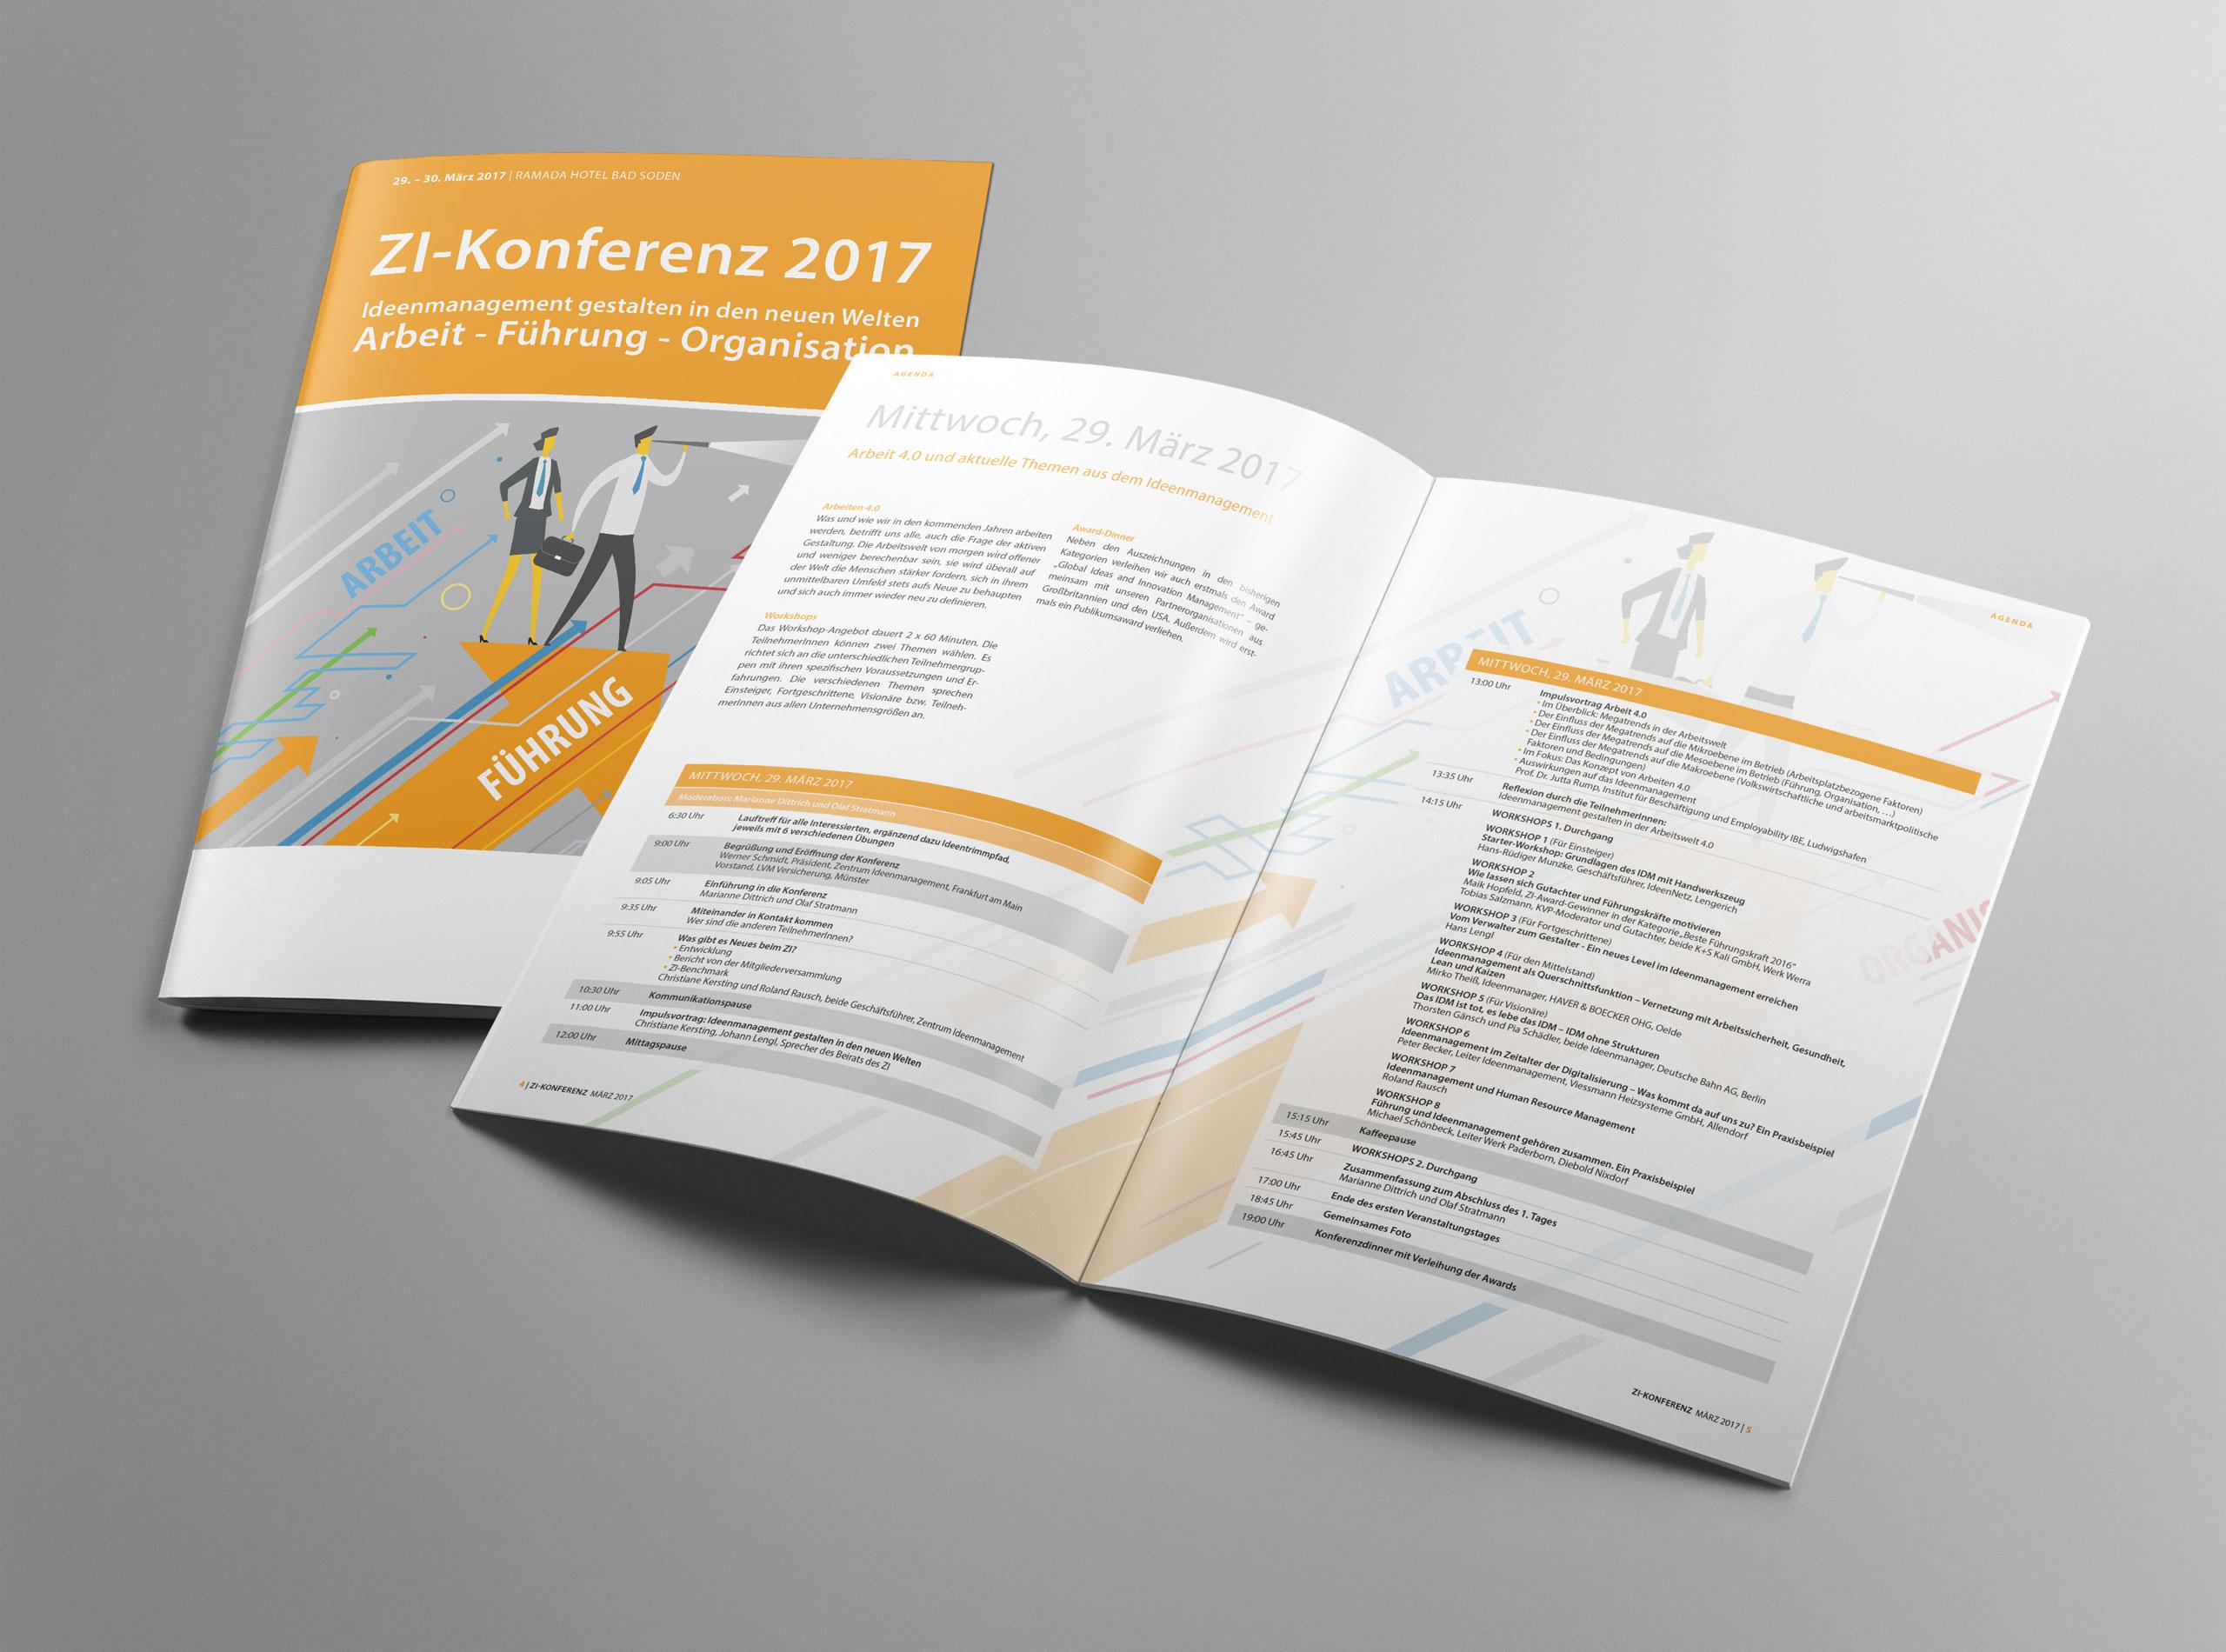 Zentrum Ideenmanagement Konferenzbroschüre 2017 1